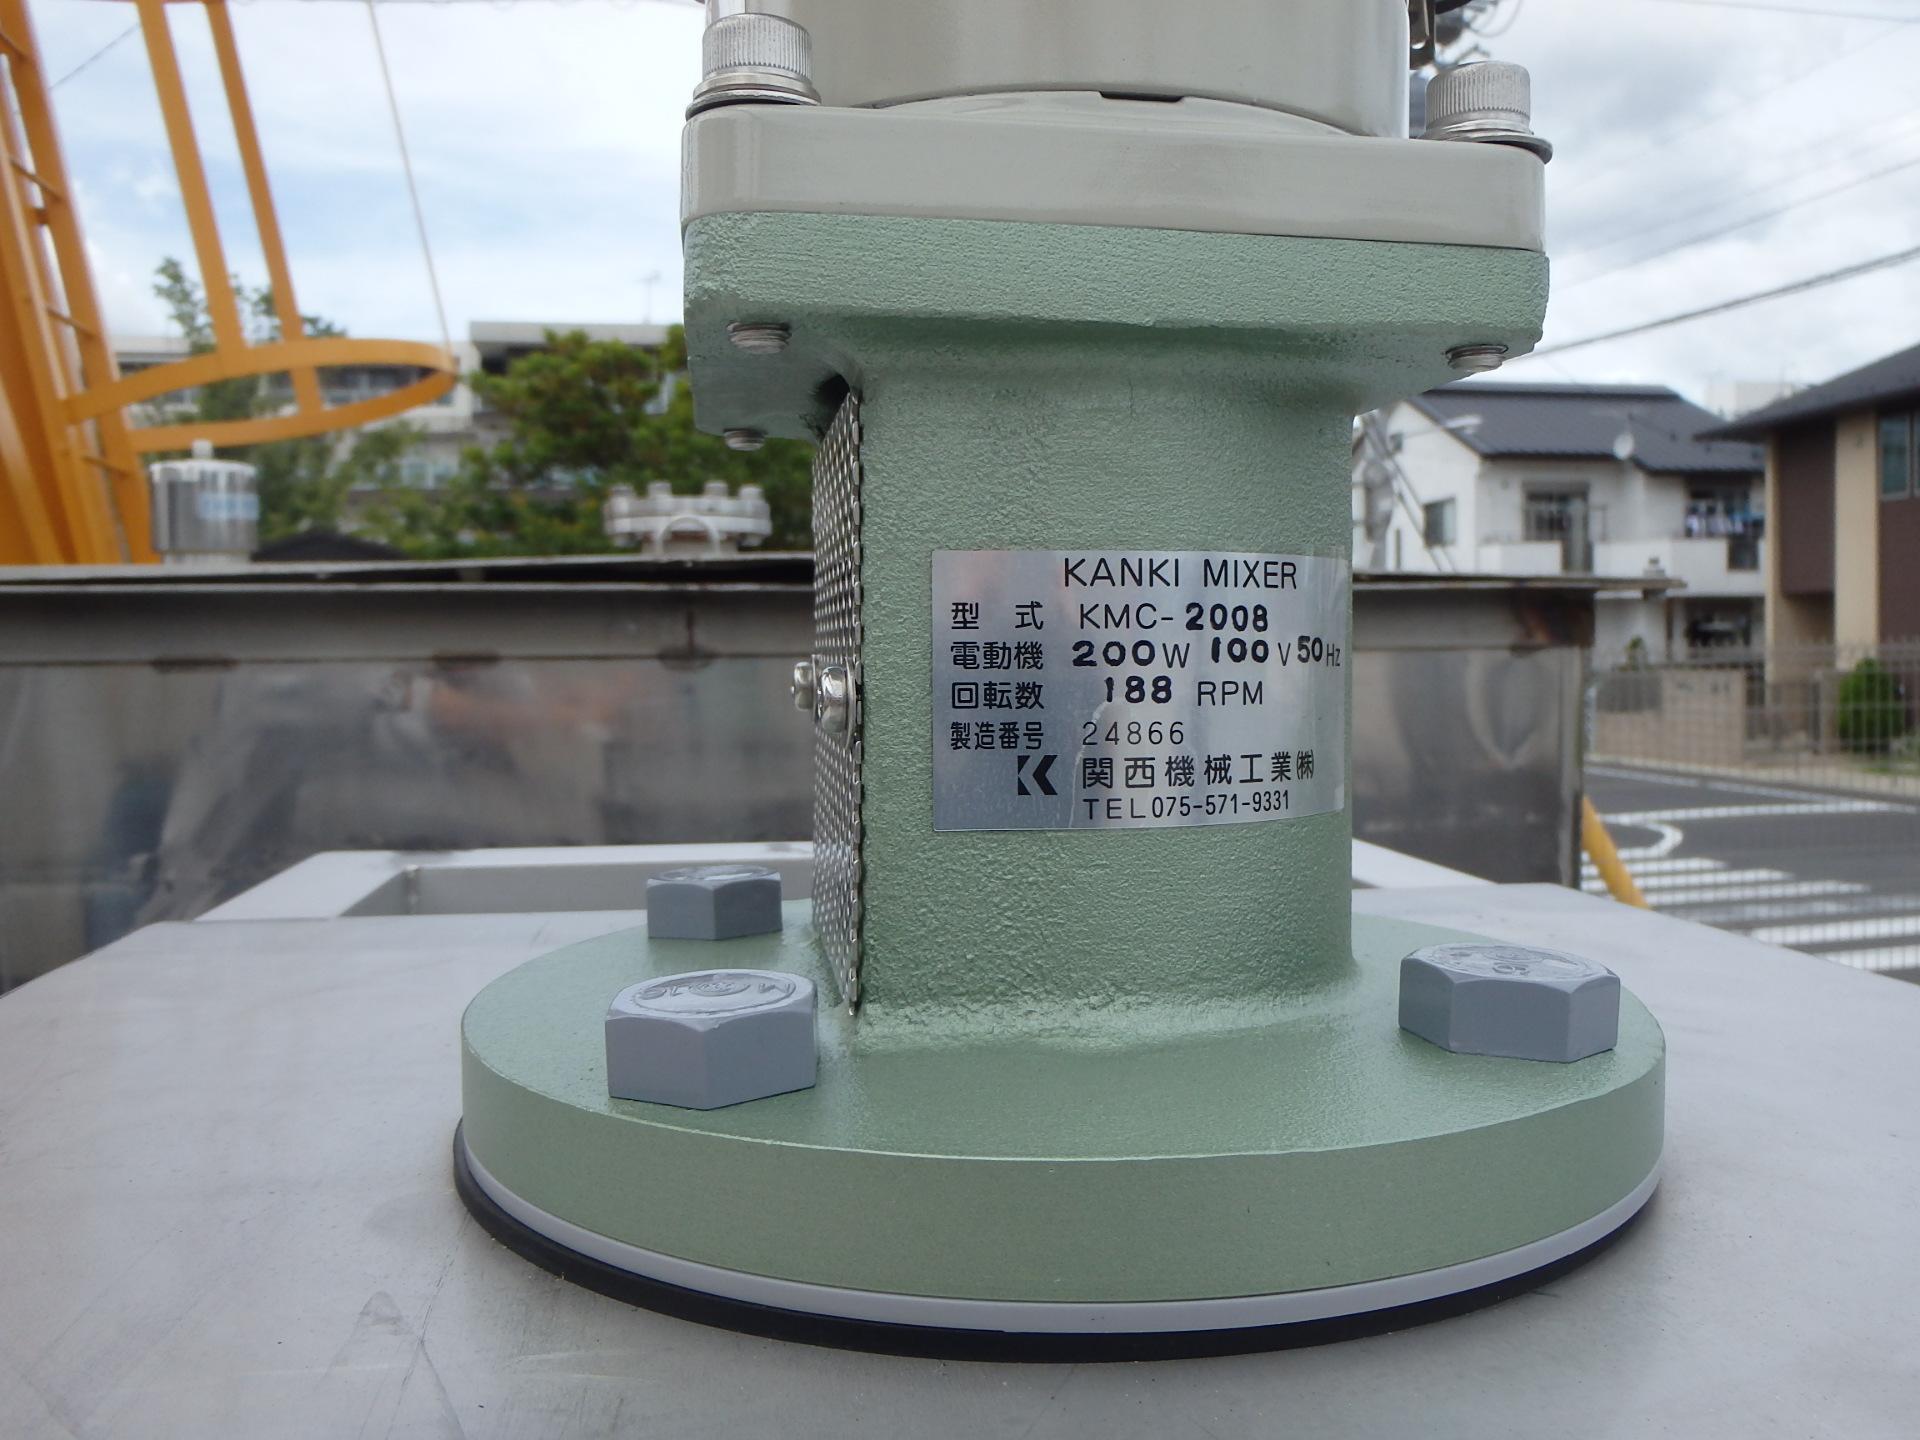 スイコー製 1,000L撹拌機付きポリタンク 004-photo